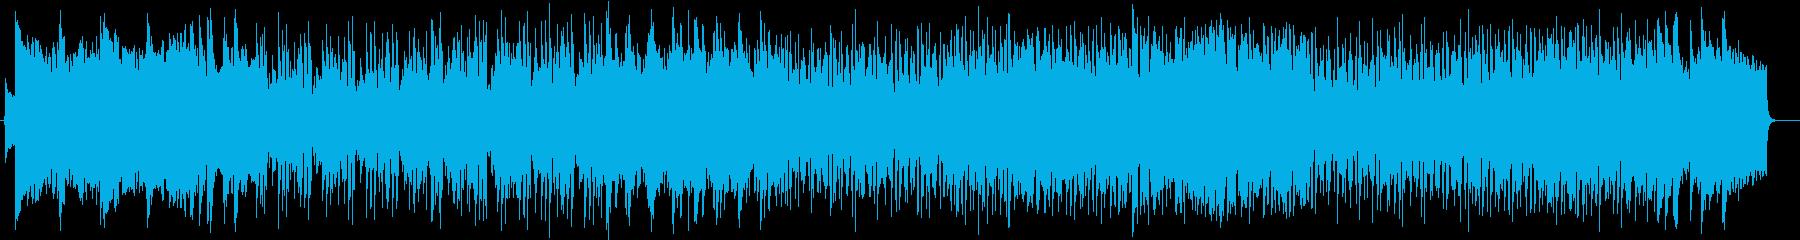 壮大で軽快なピアノストリングスポップの再生済みの波形